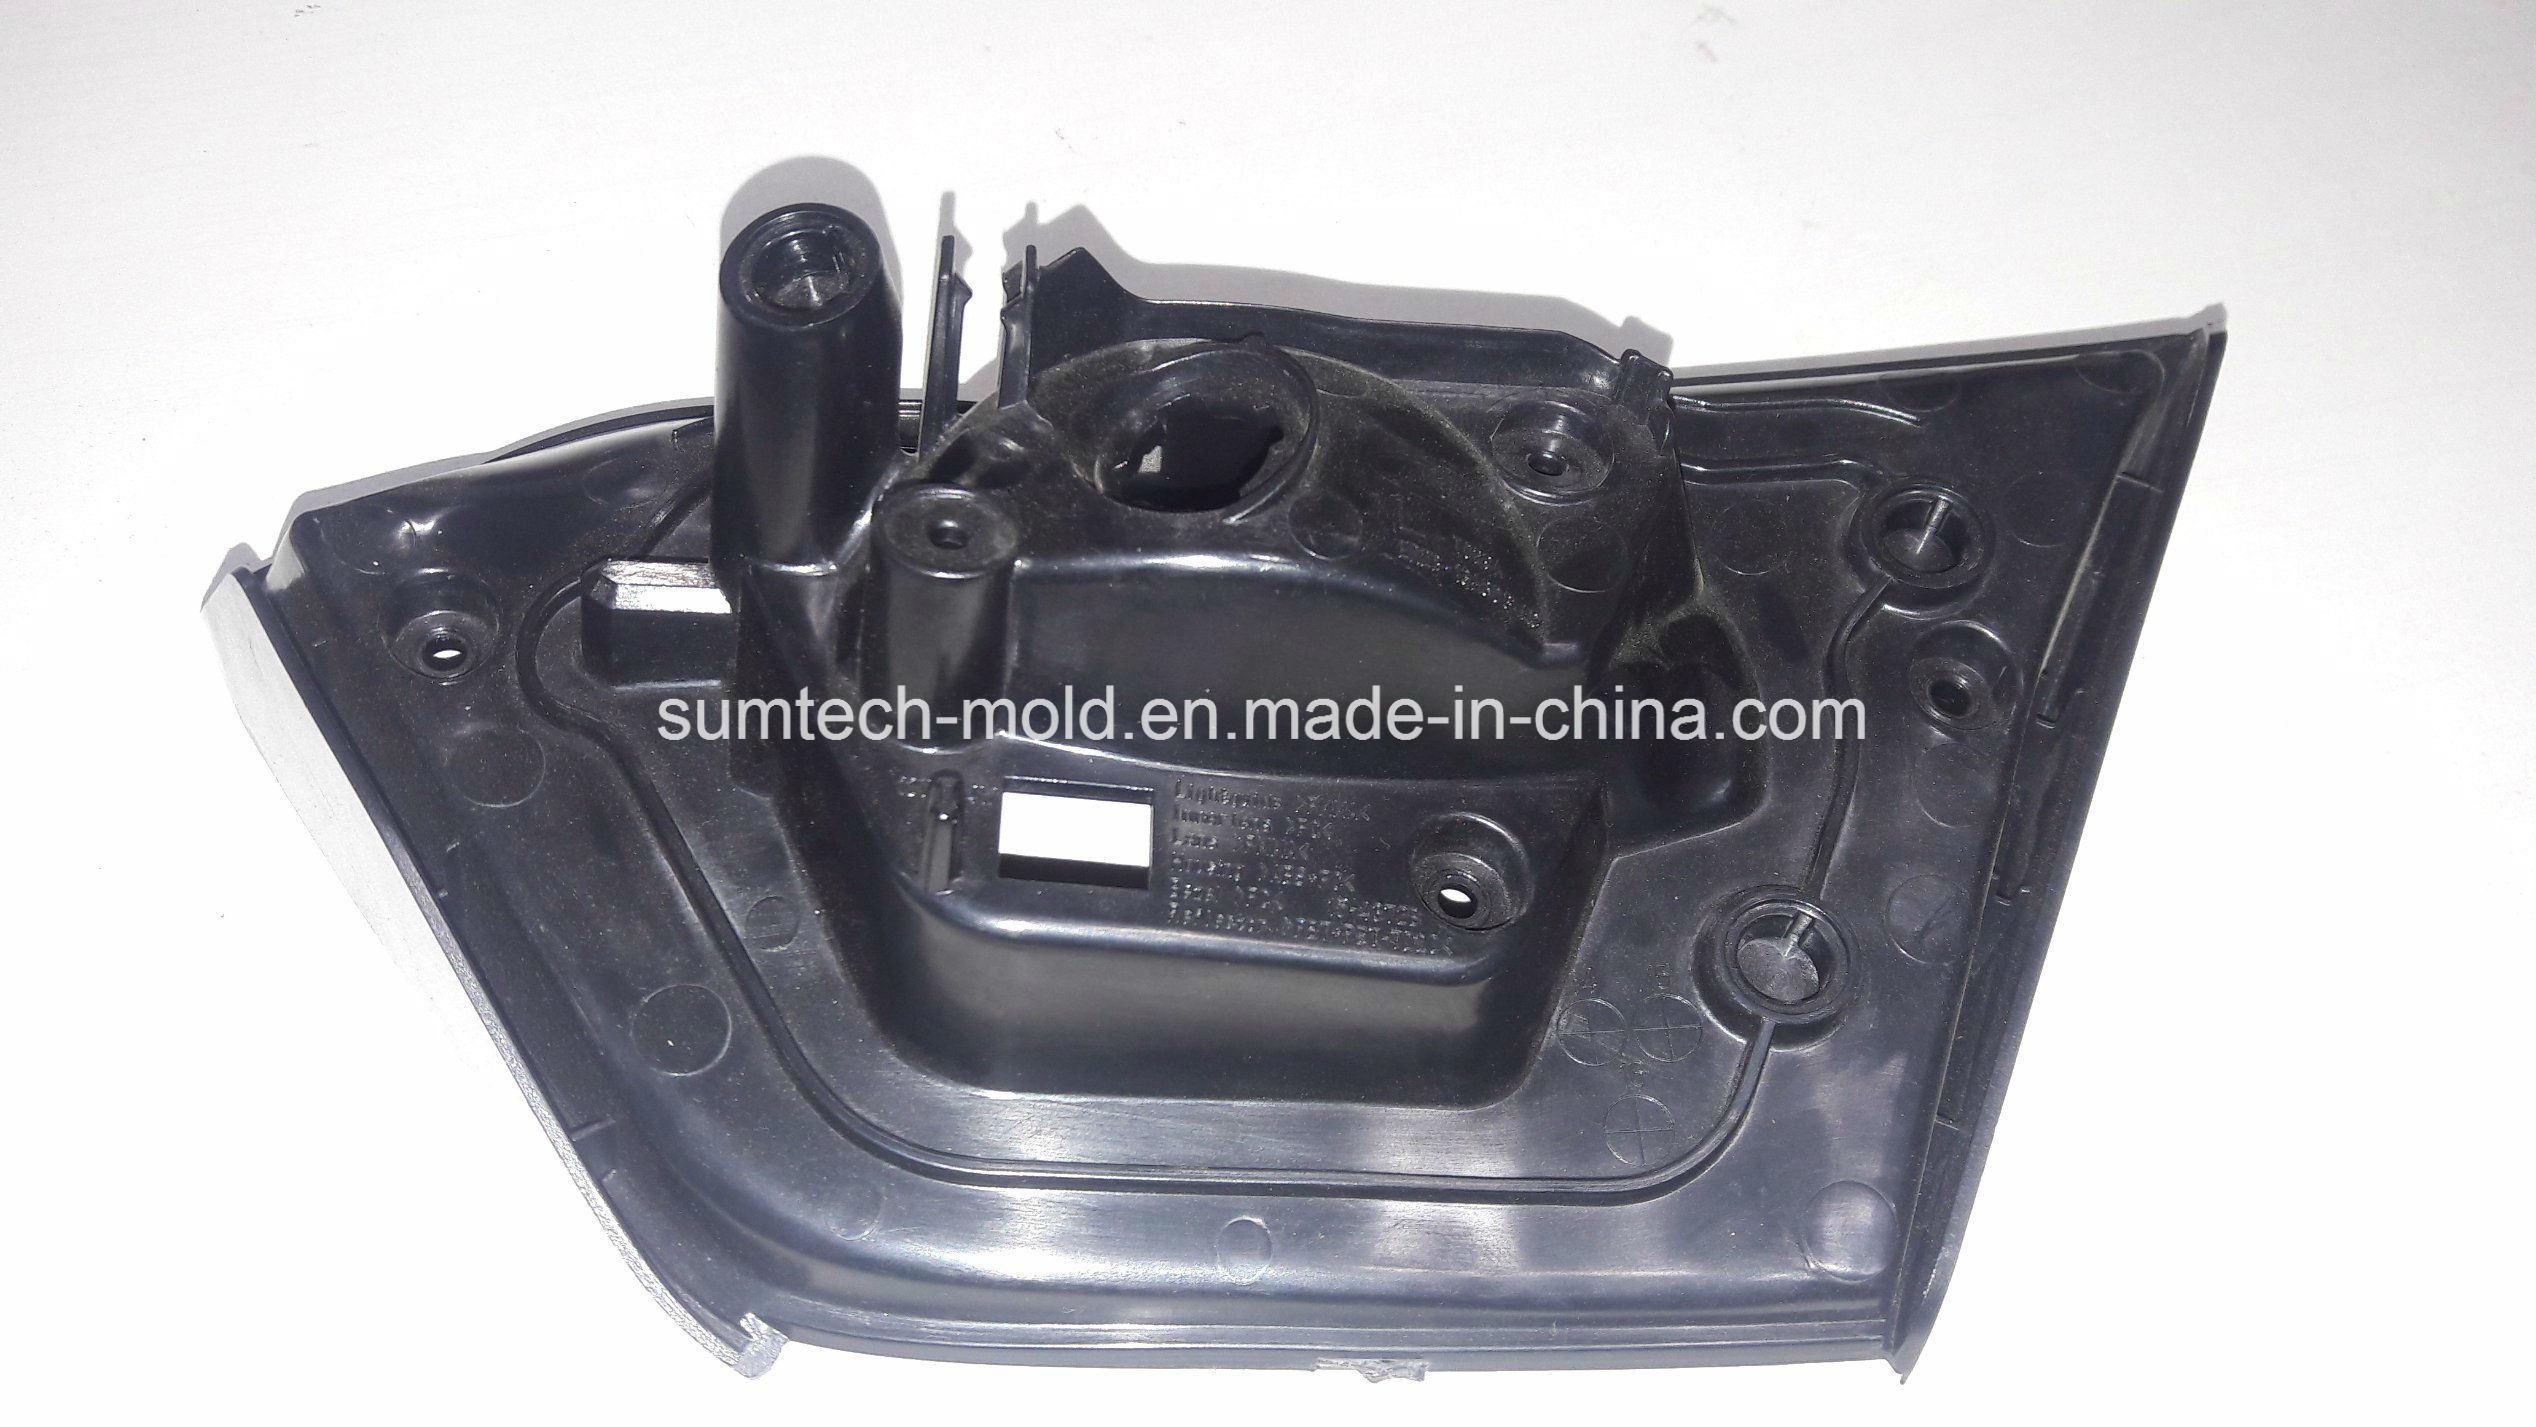 Automotive Parts, Auto Plastic & Rubber Parts, Mouldings